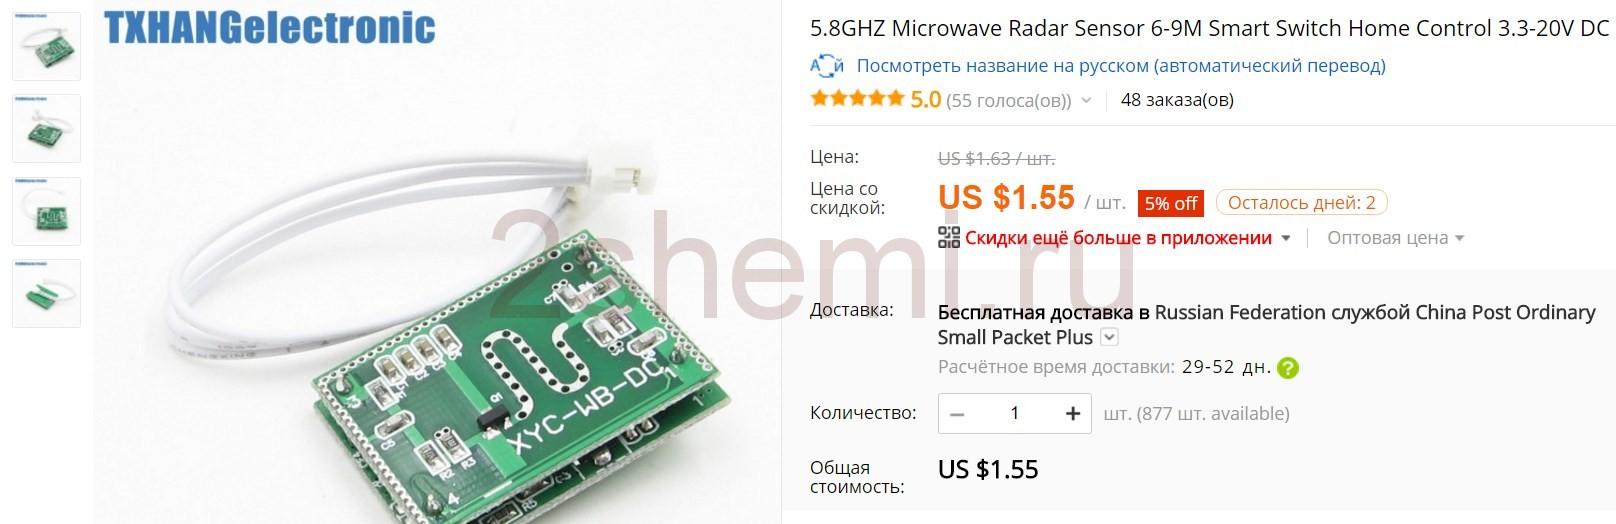 Микроволновый датчик движения